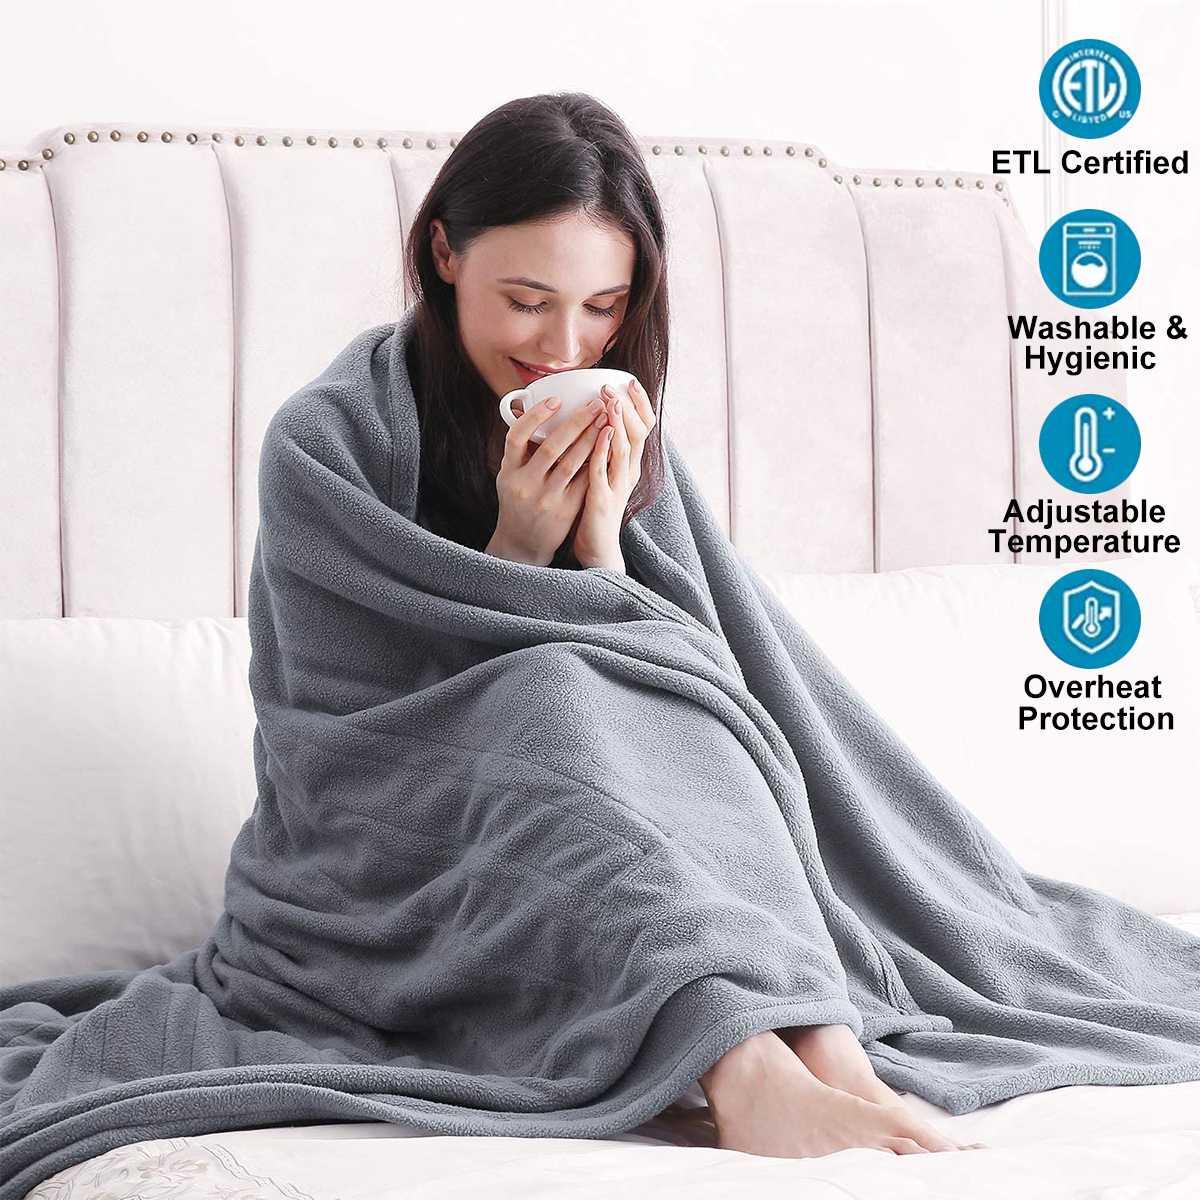 Cobertor Elétrico Cinza Aquecedor Quente Cama Termostato Macio Colchão Aquecimento Tapete 110v